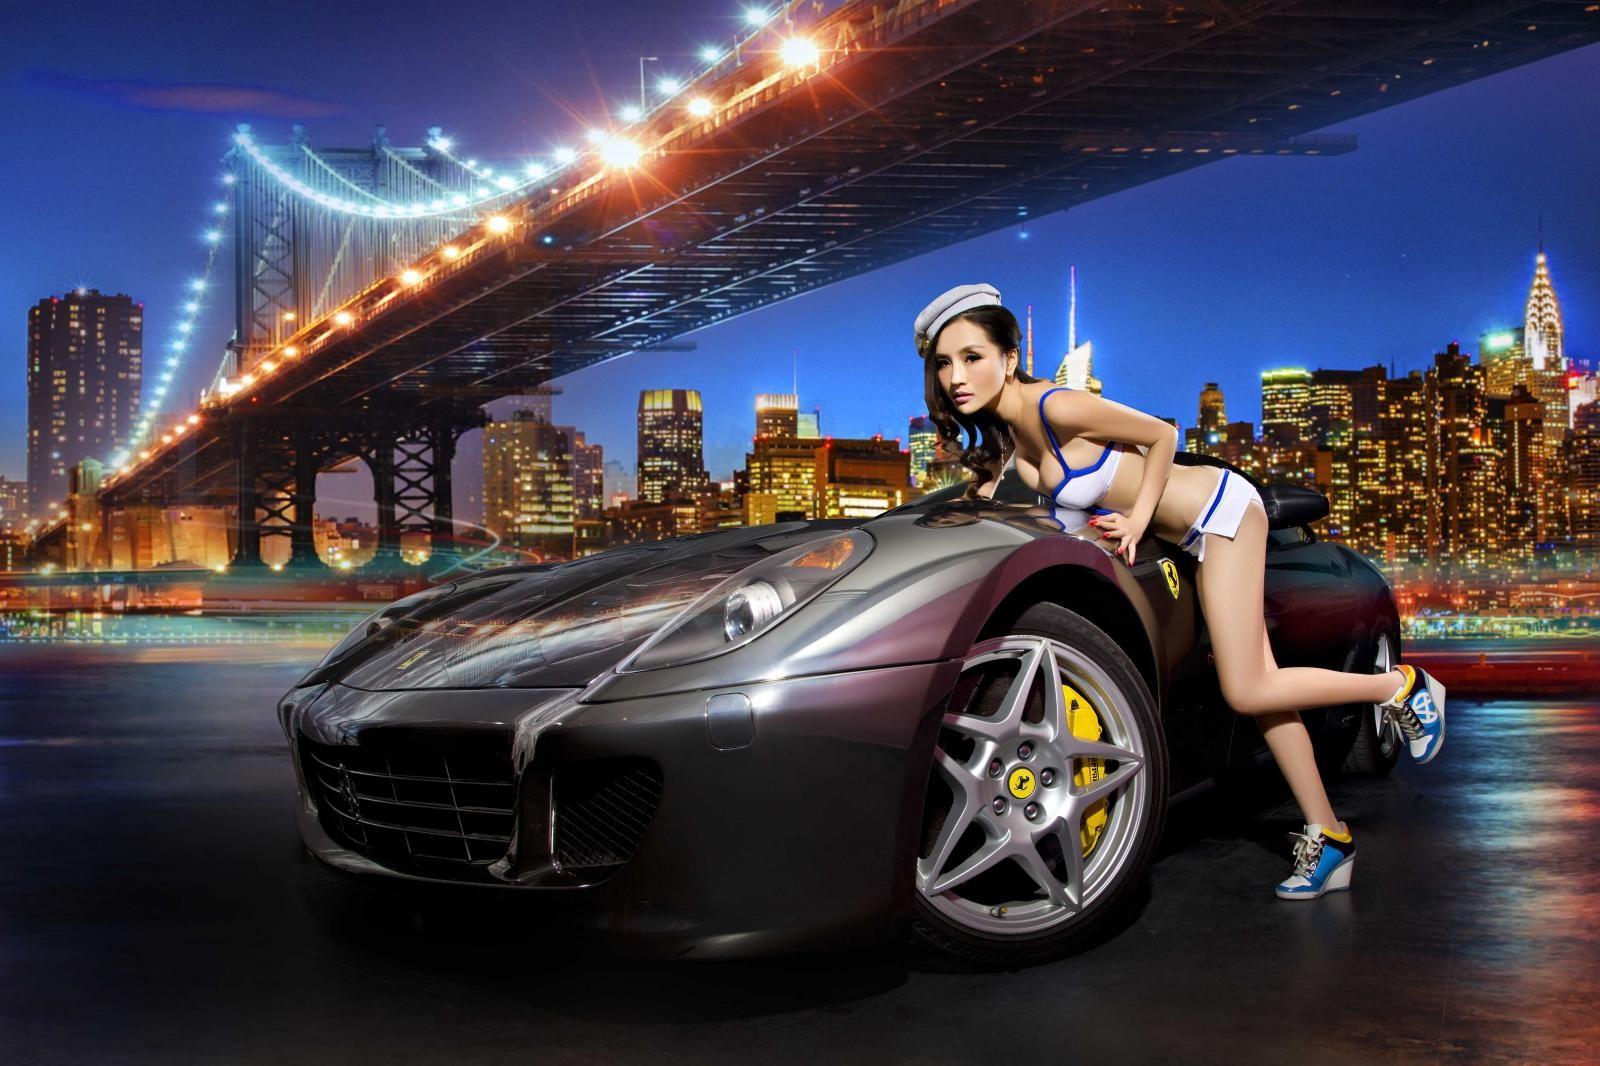 Đêm lãng mạn giữa người đẹp bốc lửa Y Ngạn và Ferrari 599 - 3